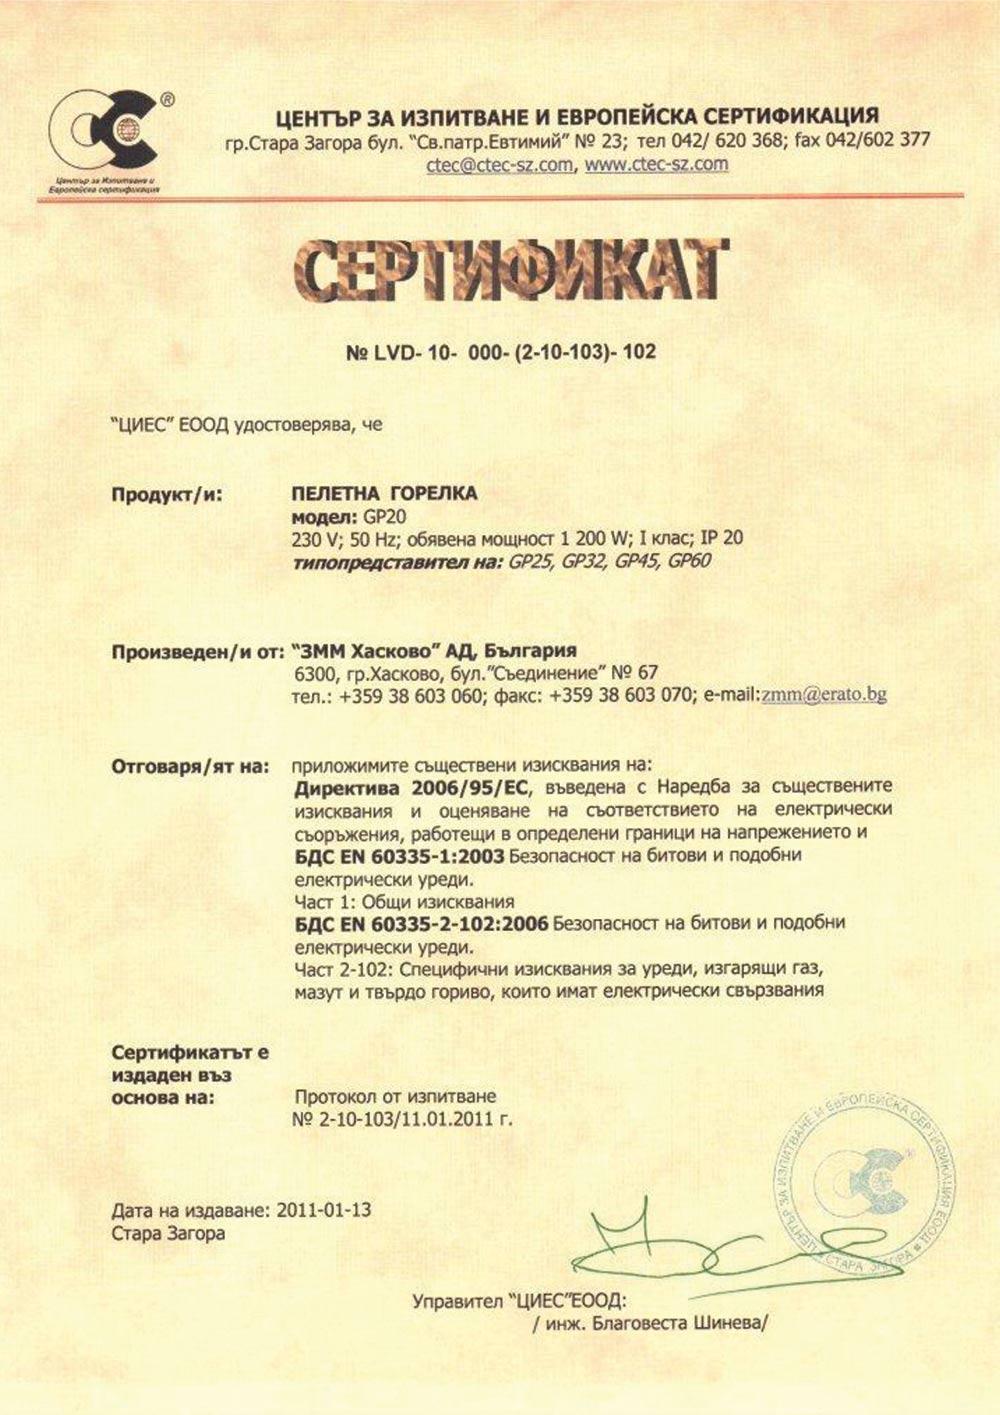 Сертификат Пелетна горелка GP20